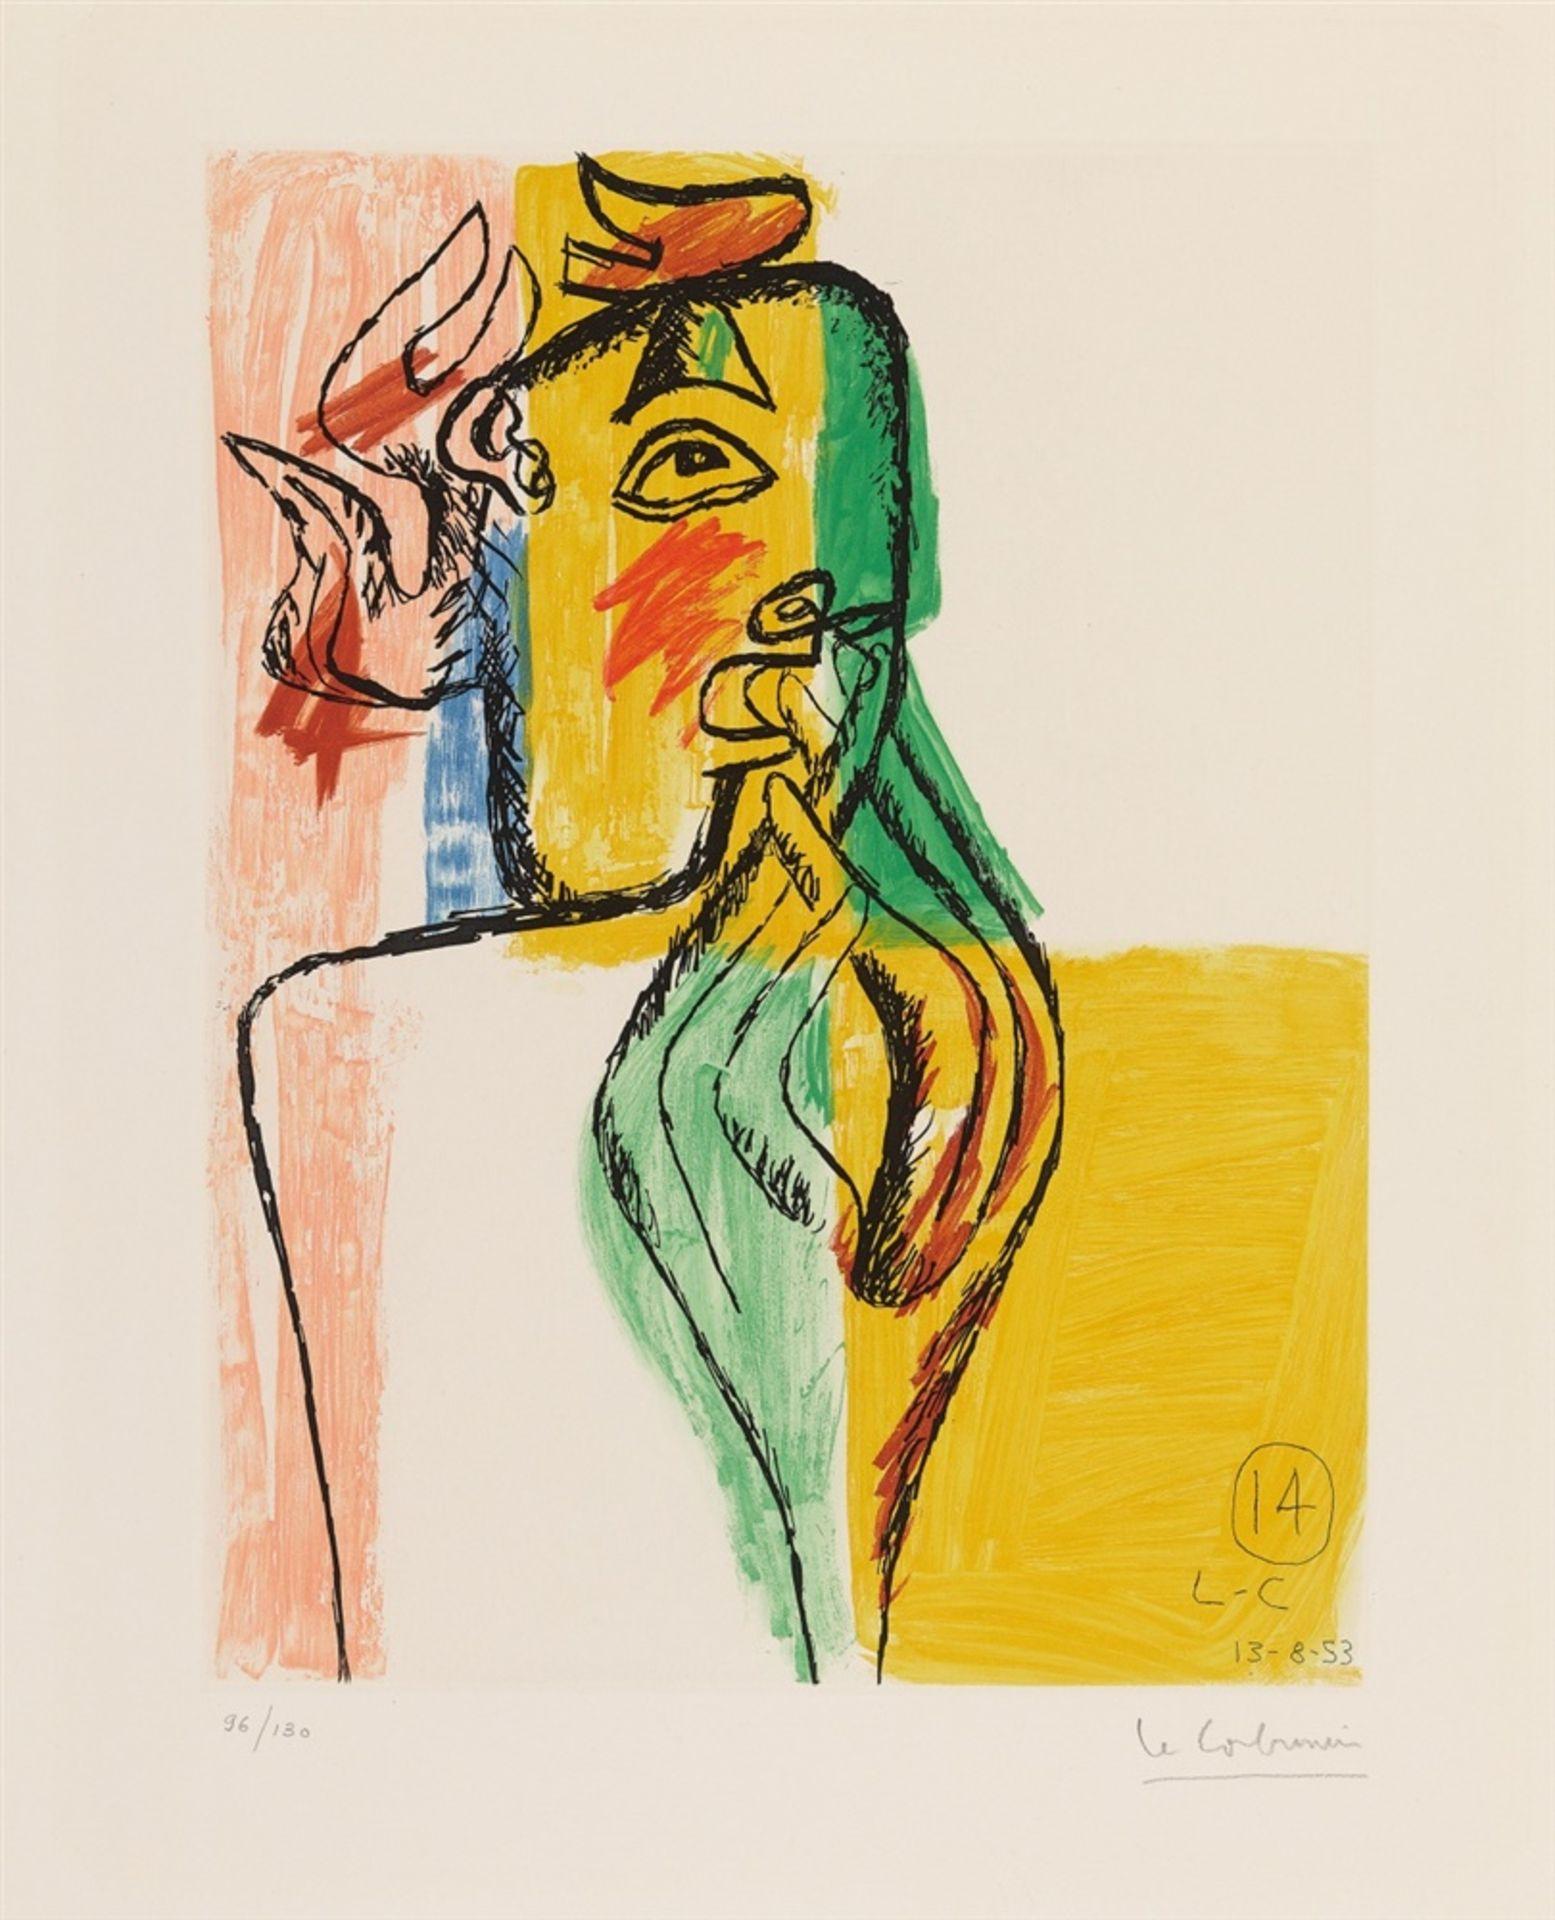 Le Corbusier (Charles-Édouard Jeanneret)Unité - Bild 12 aus 27